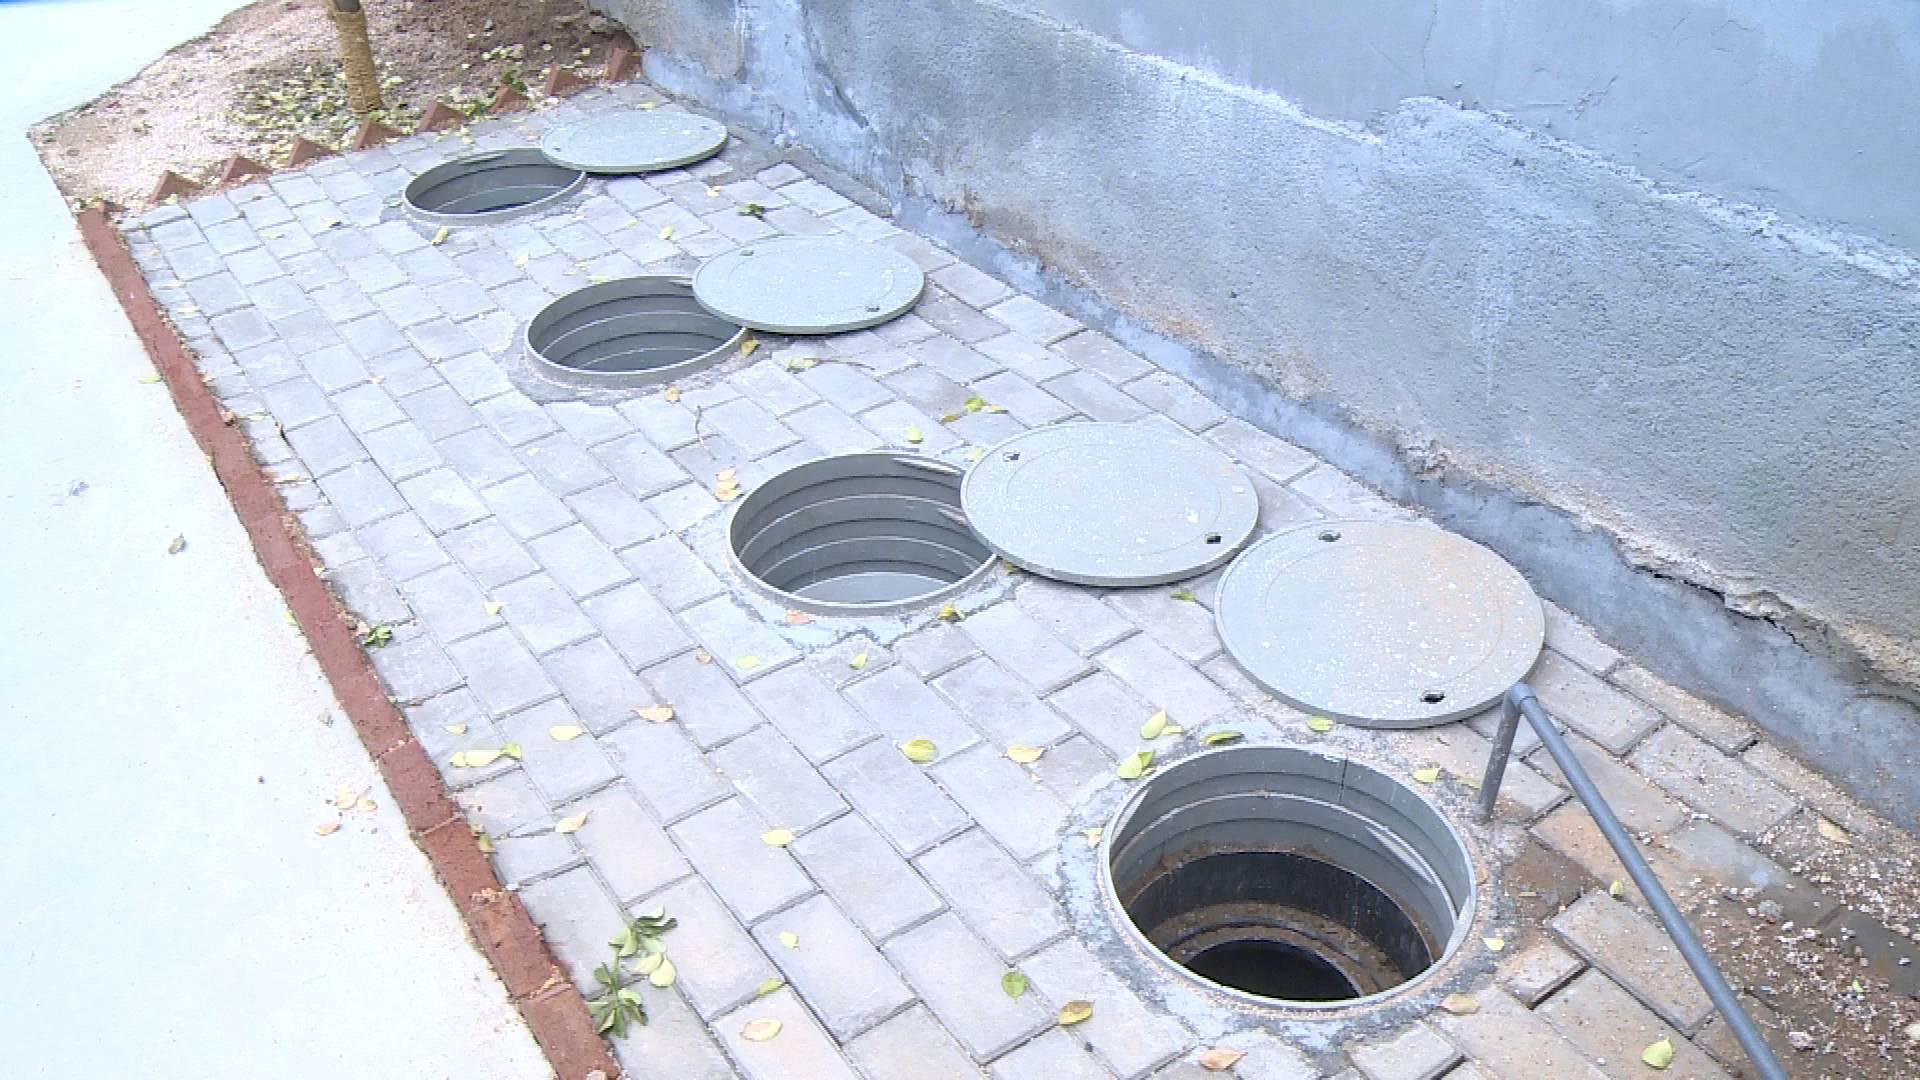 莱城农村改厕有了新探索 改厕和生活污水一体化模式受关注